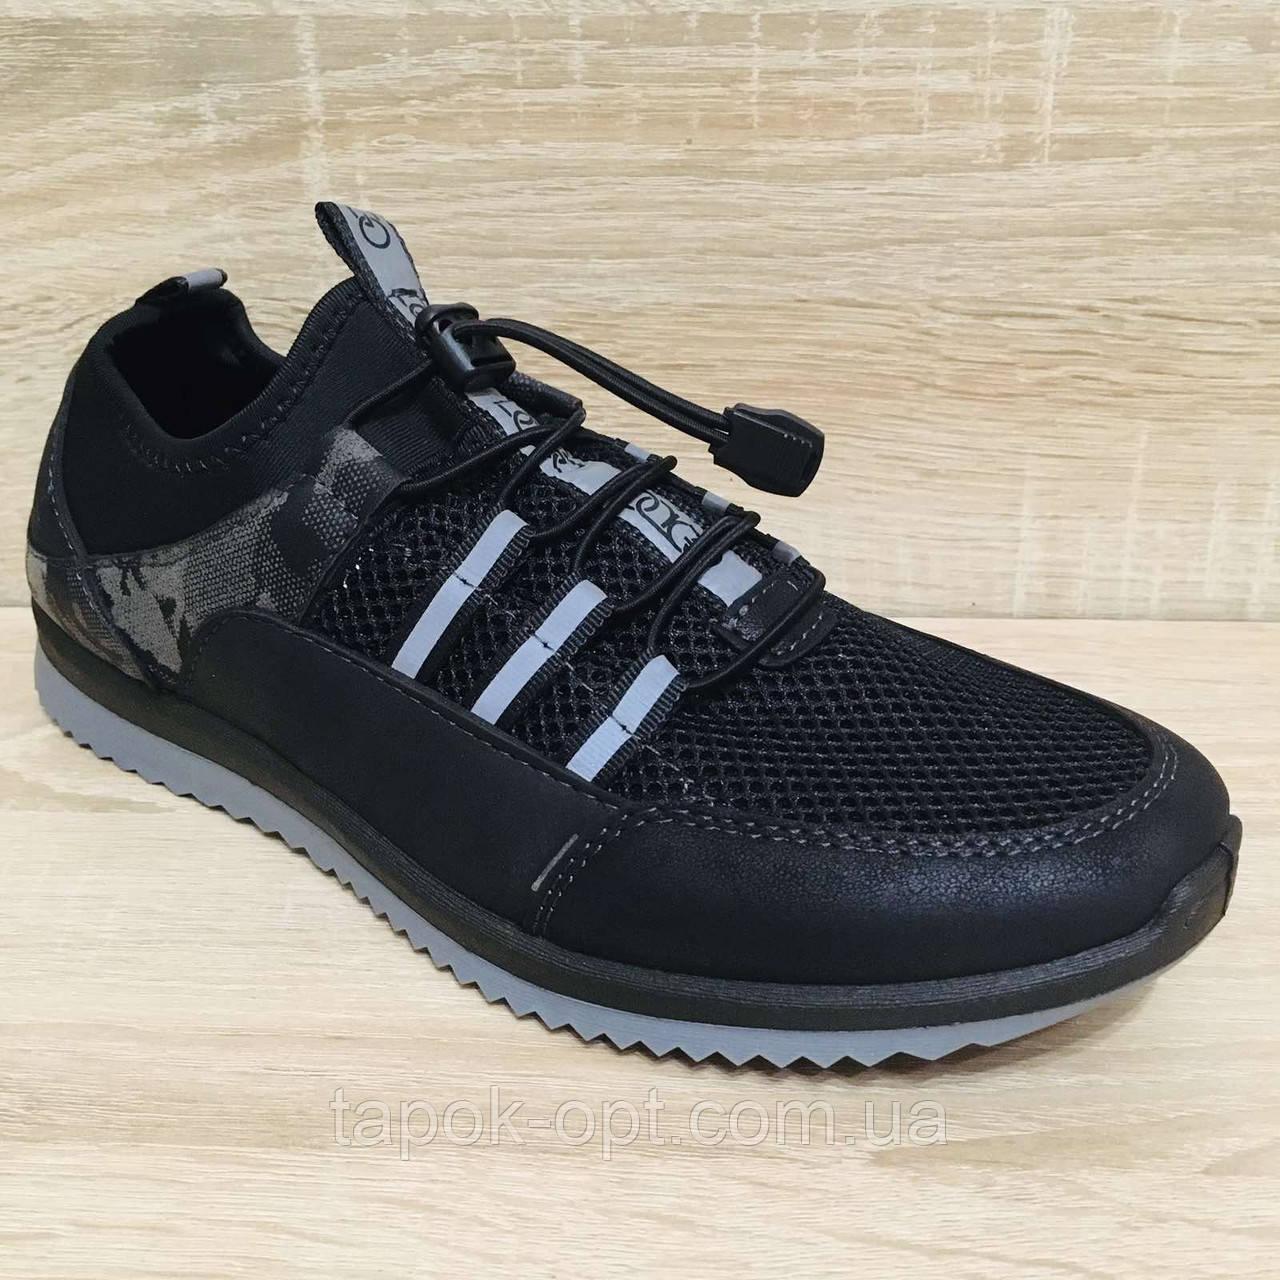 Підліткові кросівки Даго Стиль